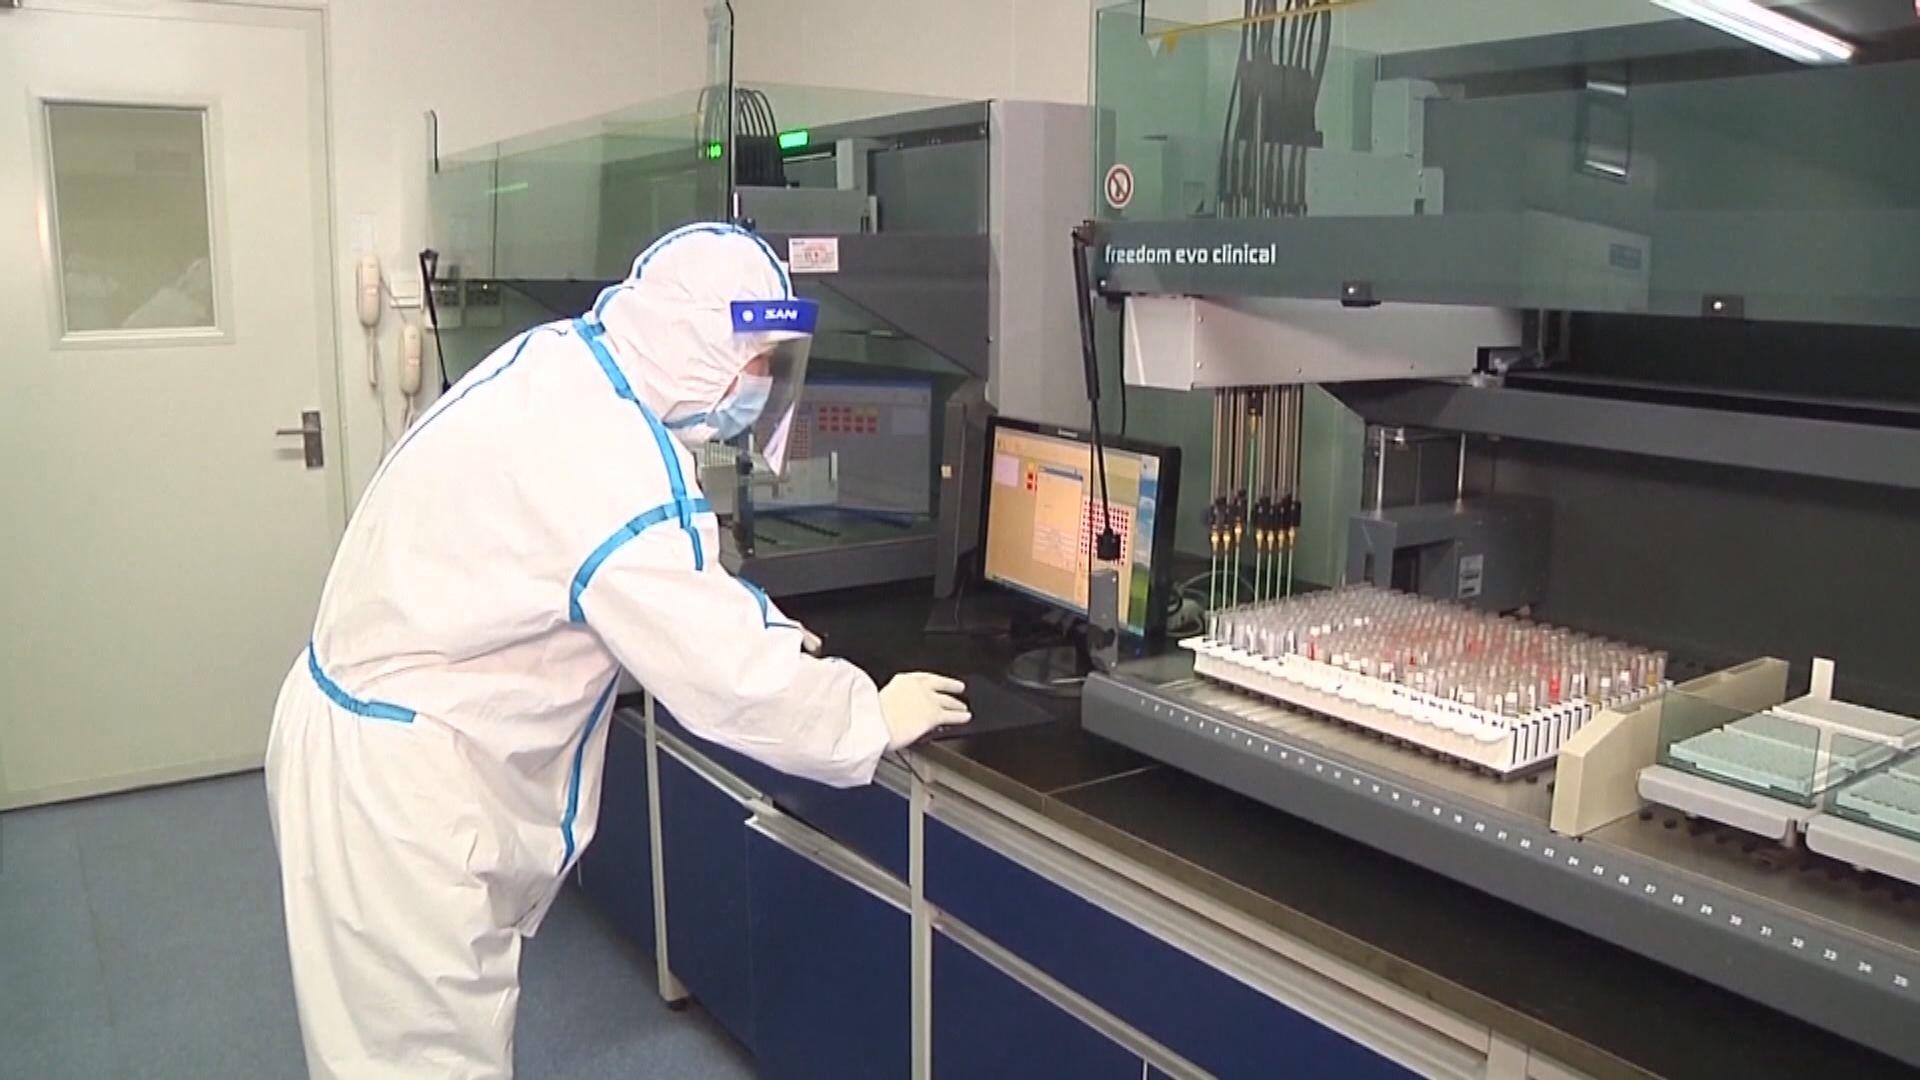 中國正式加入新冠肺炎疫苗實施計劃 承諾疫苗研發完成後先提供發展中國家